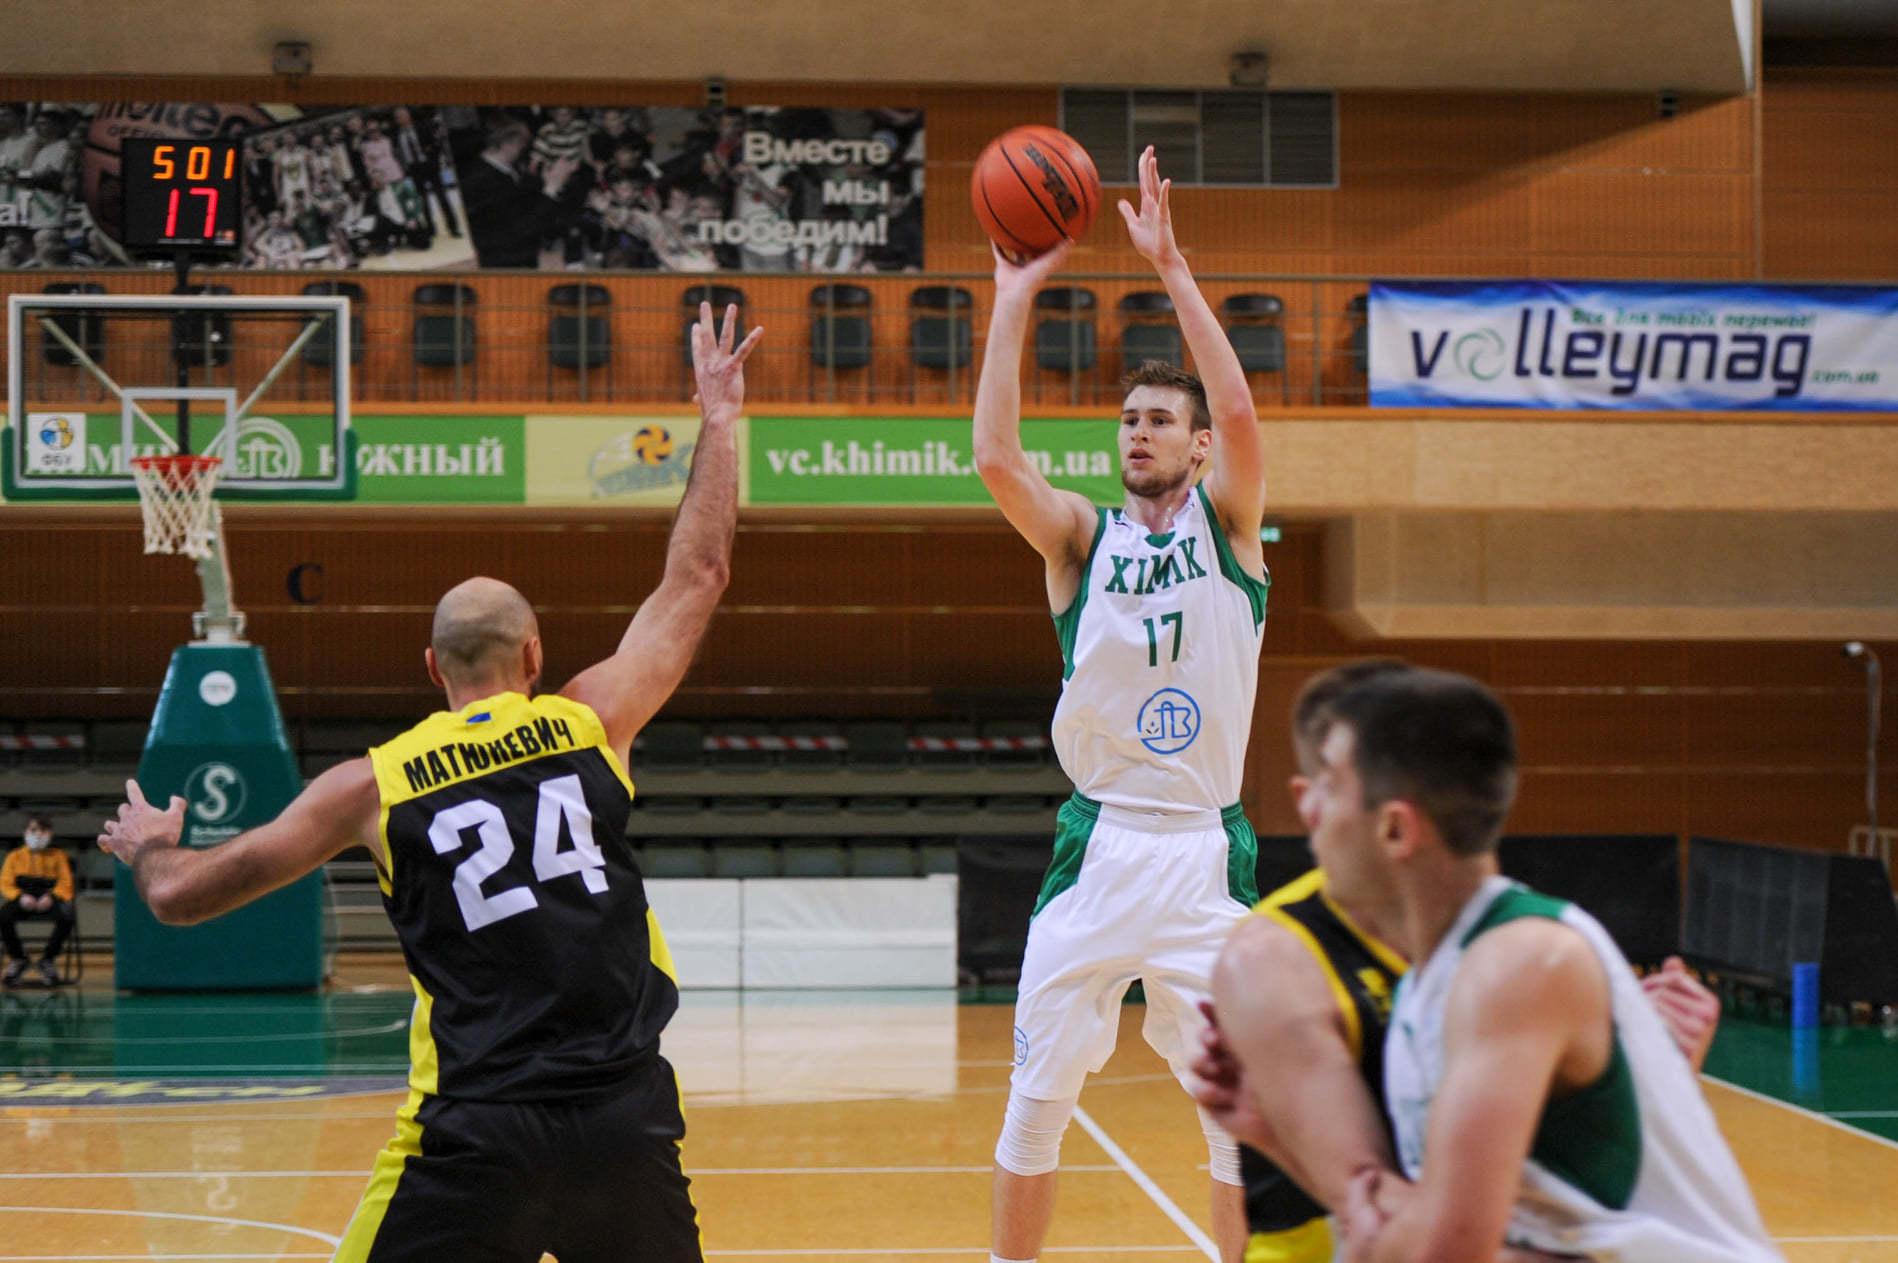 Андрій Войналович: у матчах Вищої ліги відчував себе впевнено, адже отримав великий досвід у першій команді